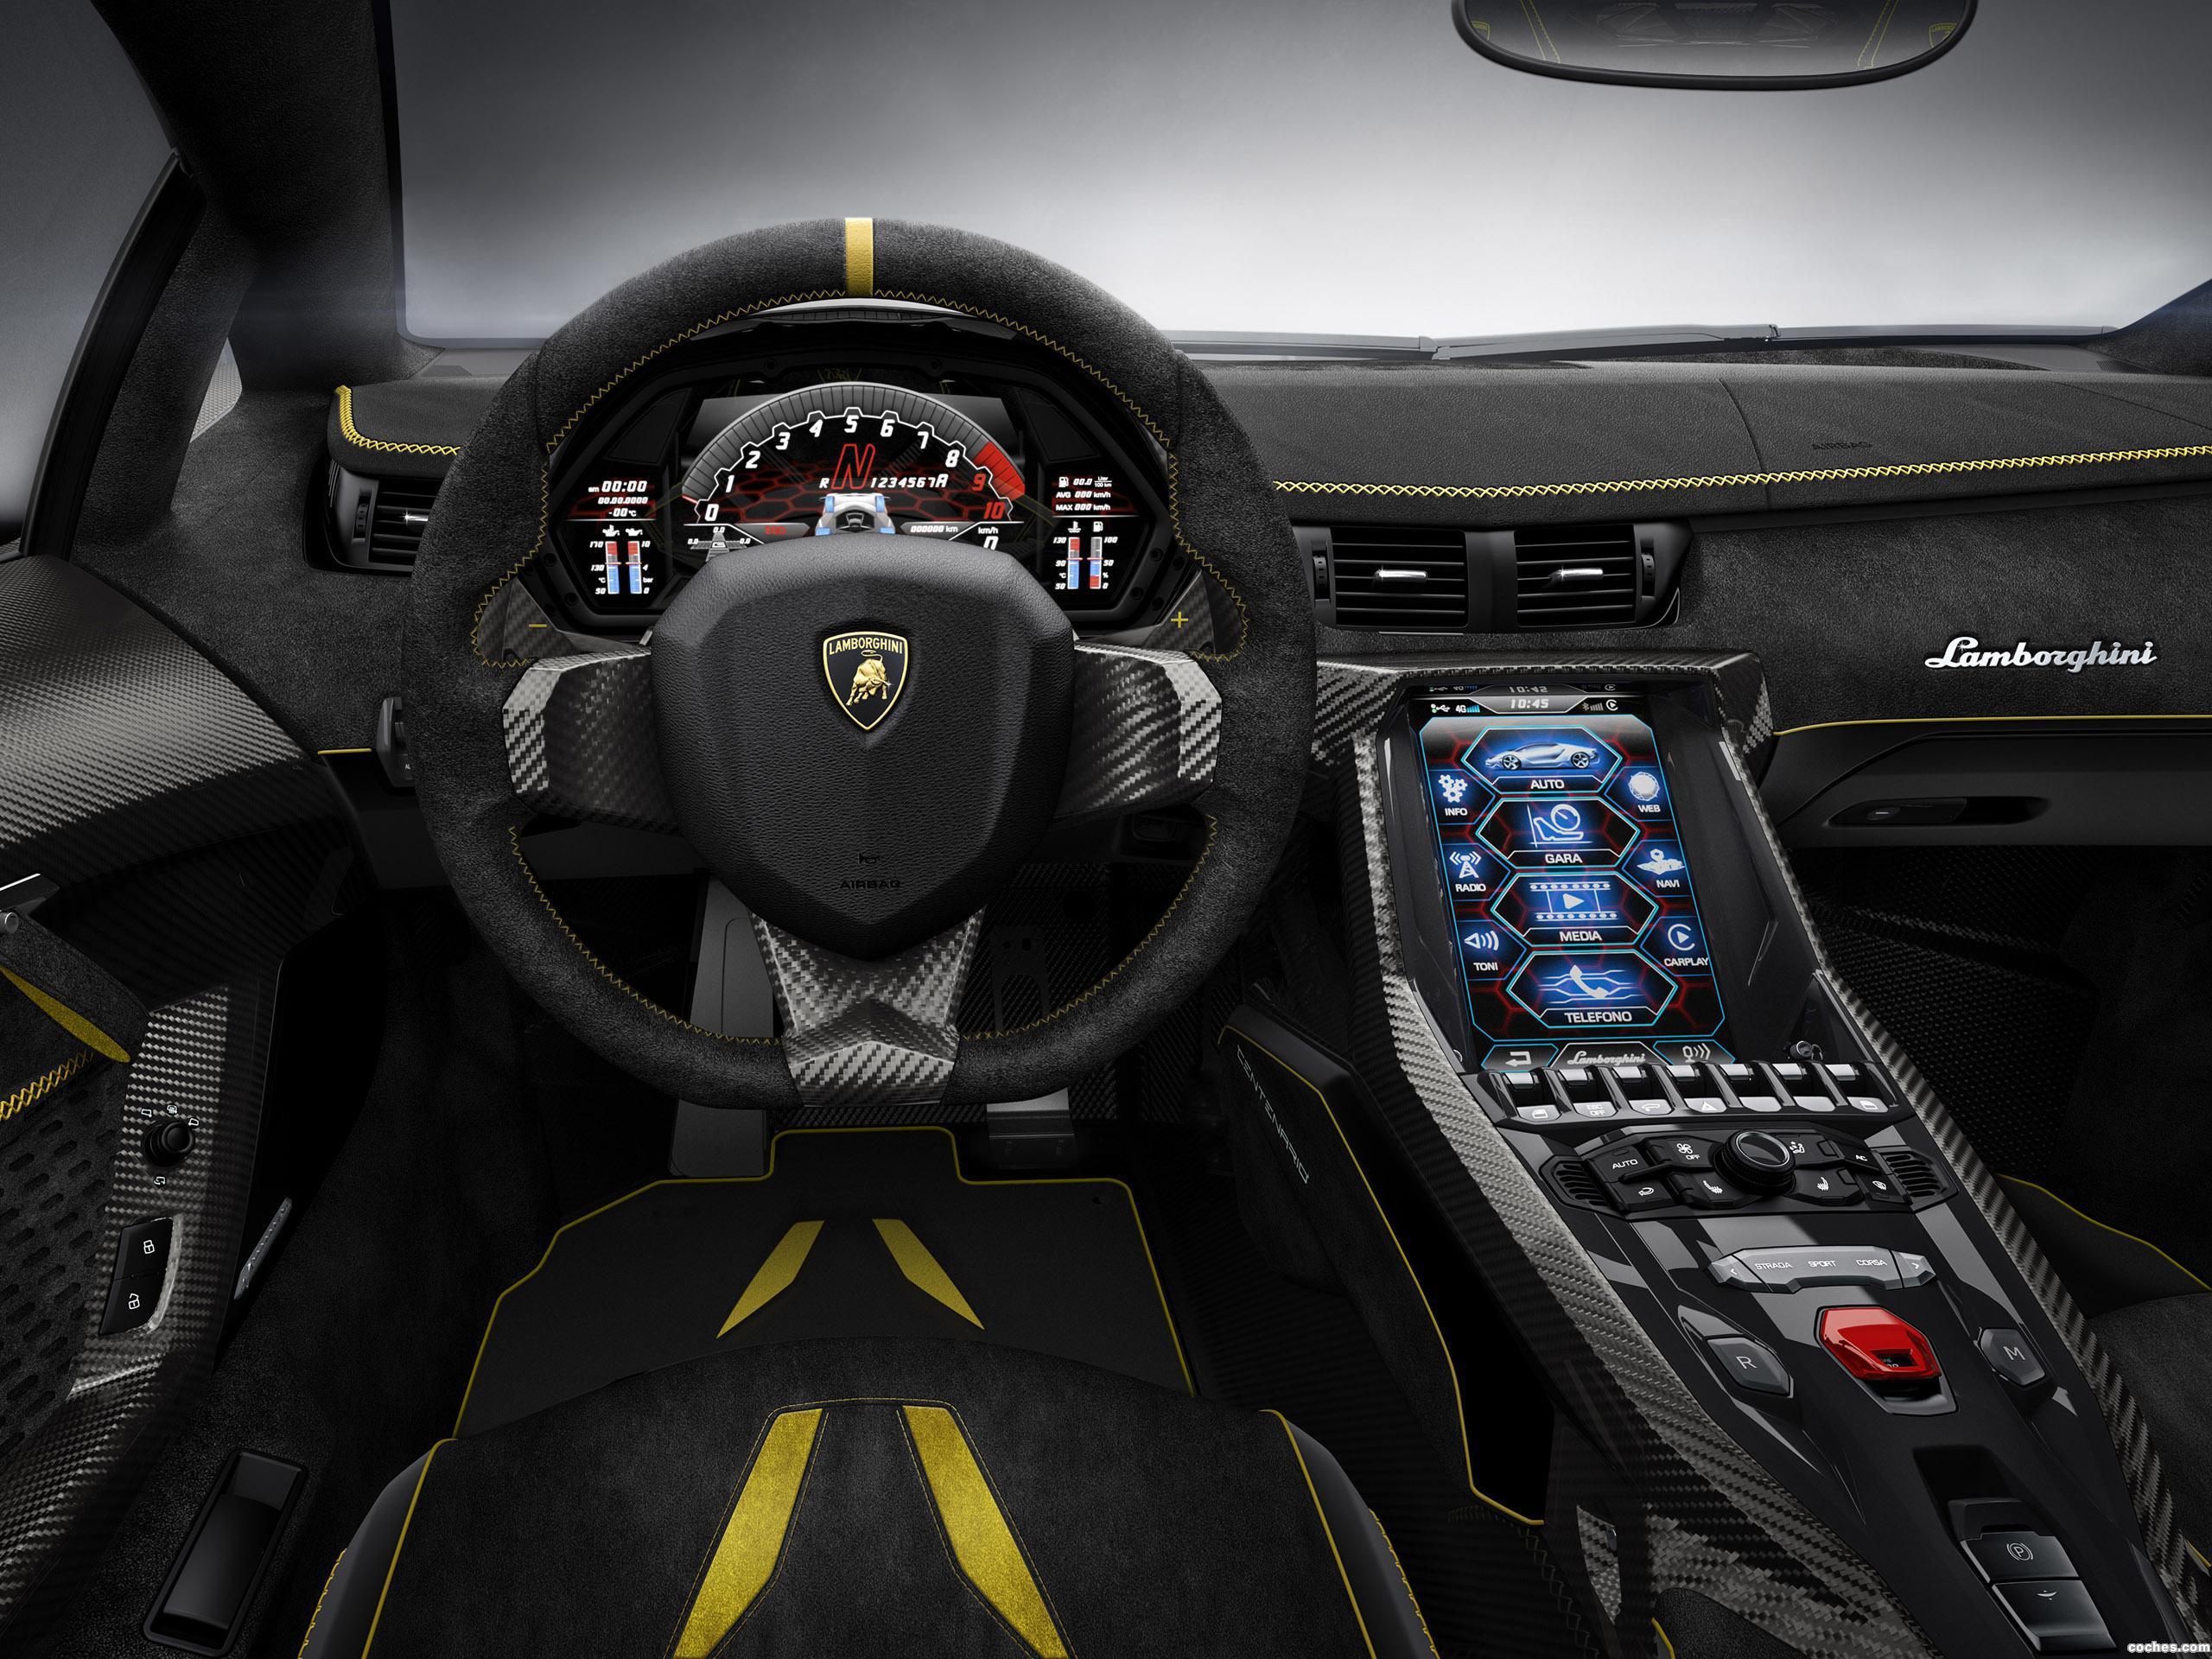 Foto 8 de Lamborghini Centenario Coupe 2016